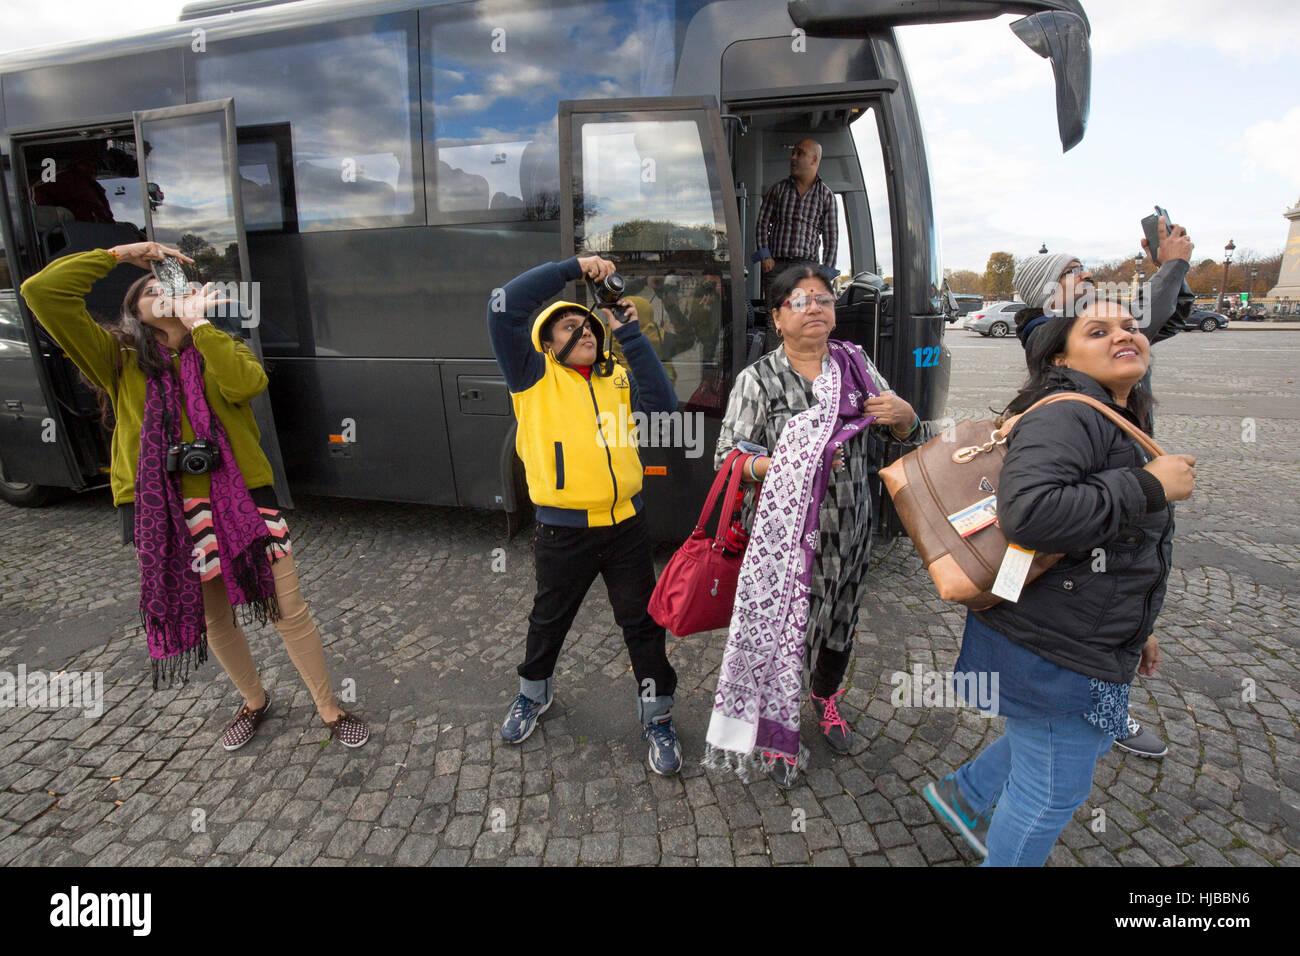 Indian tourists visiting Paris, Place de la Concorde, France - Stock Image